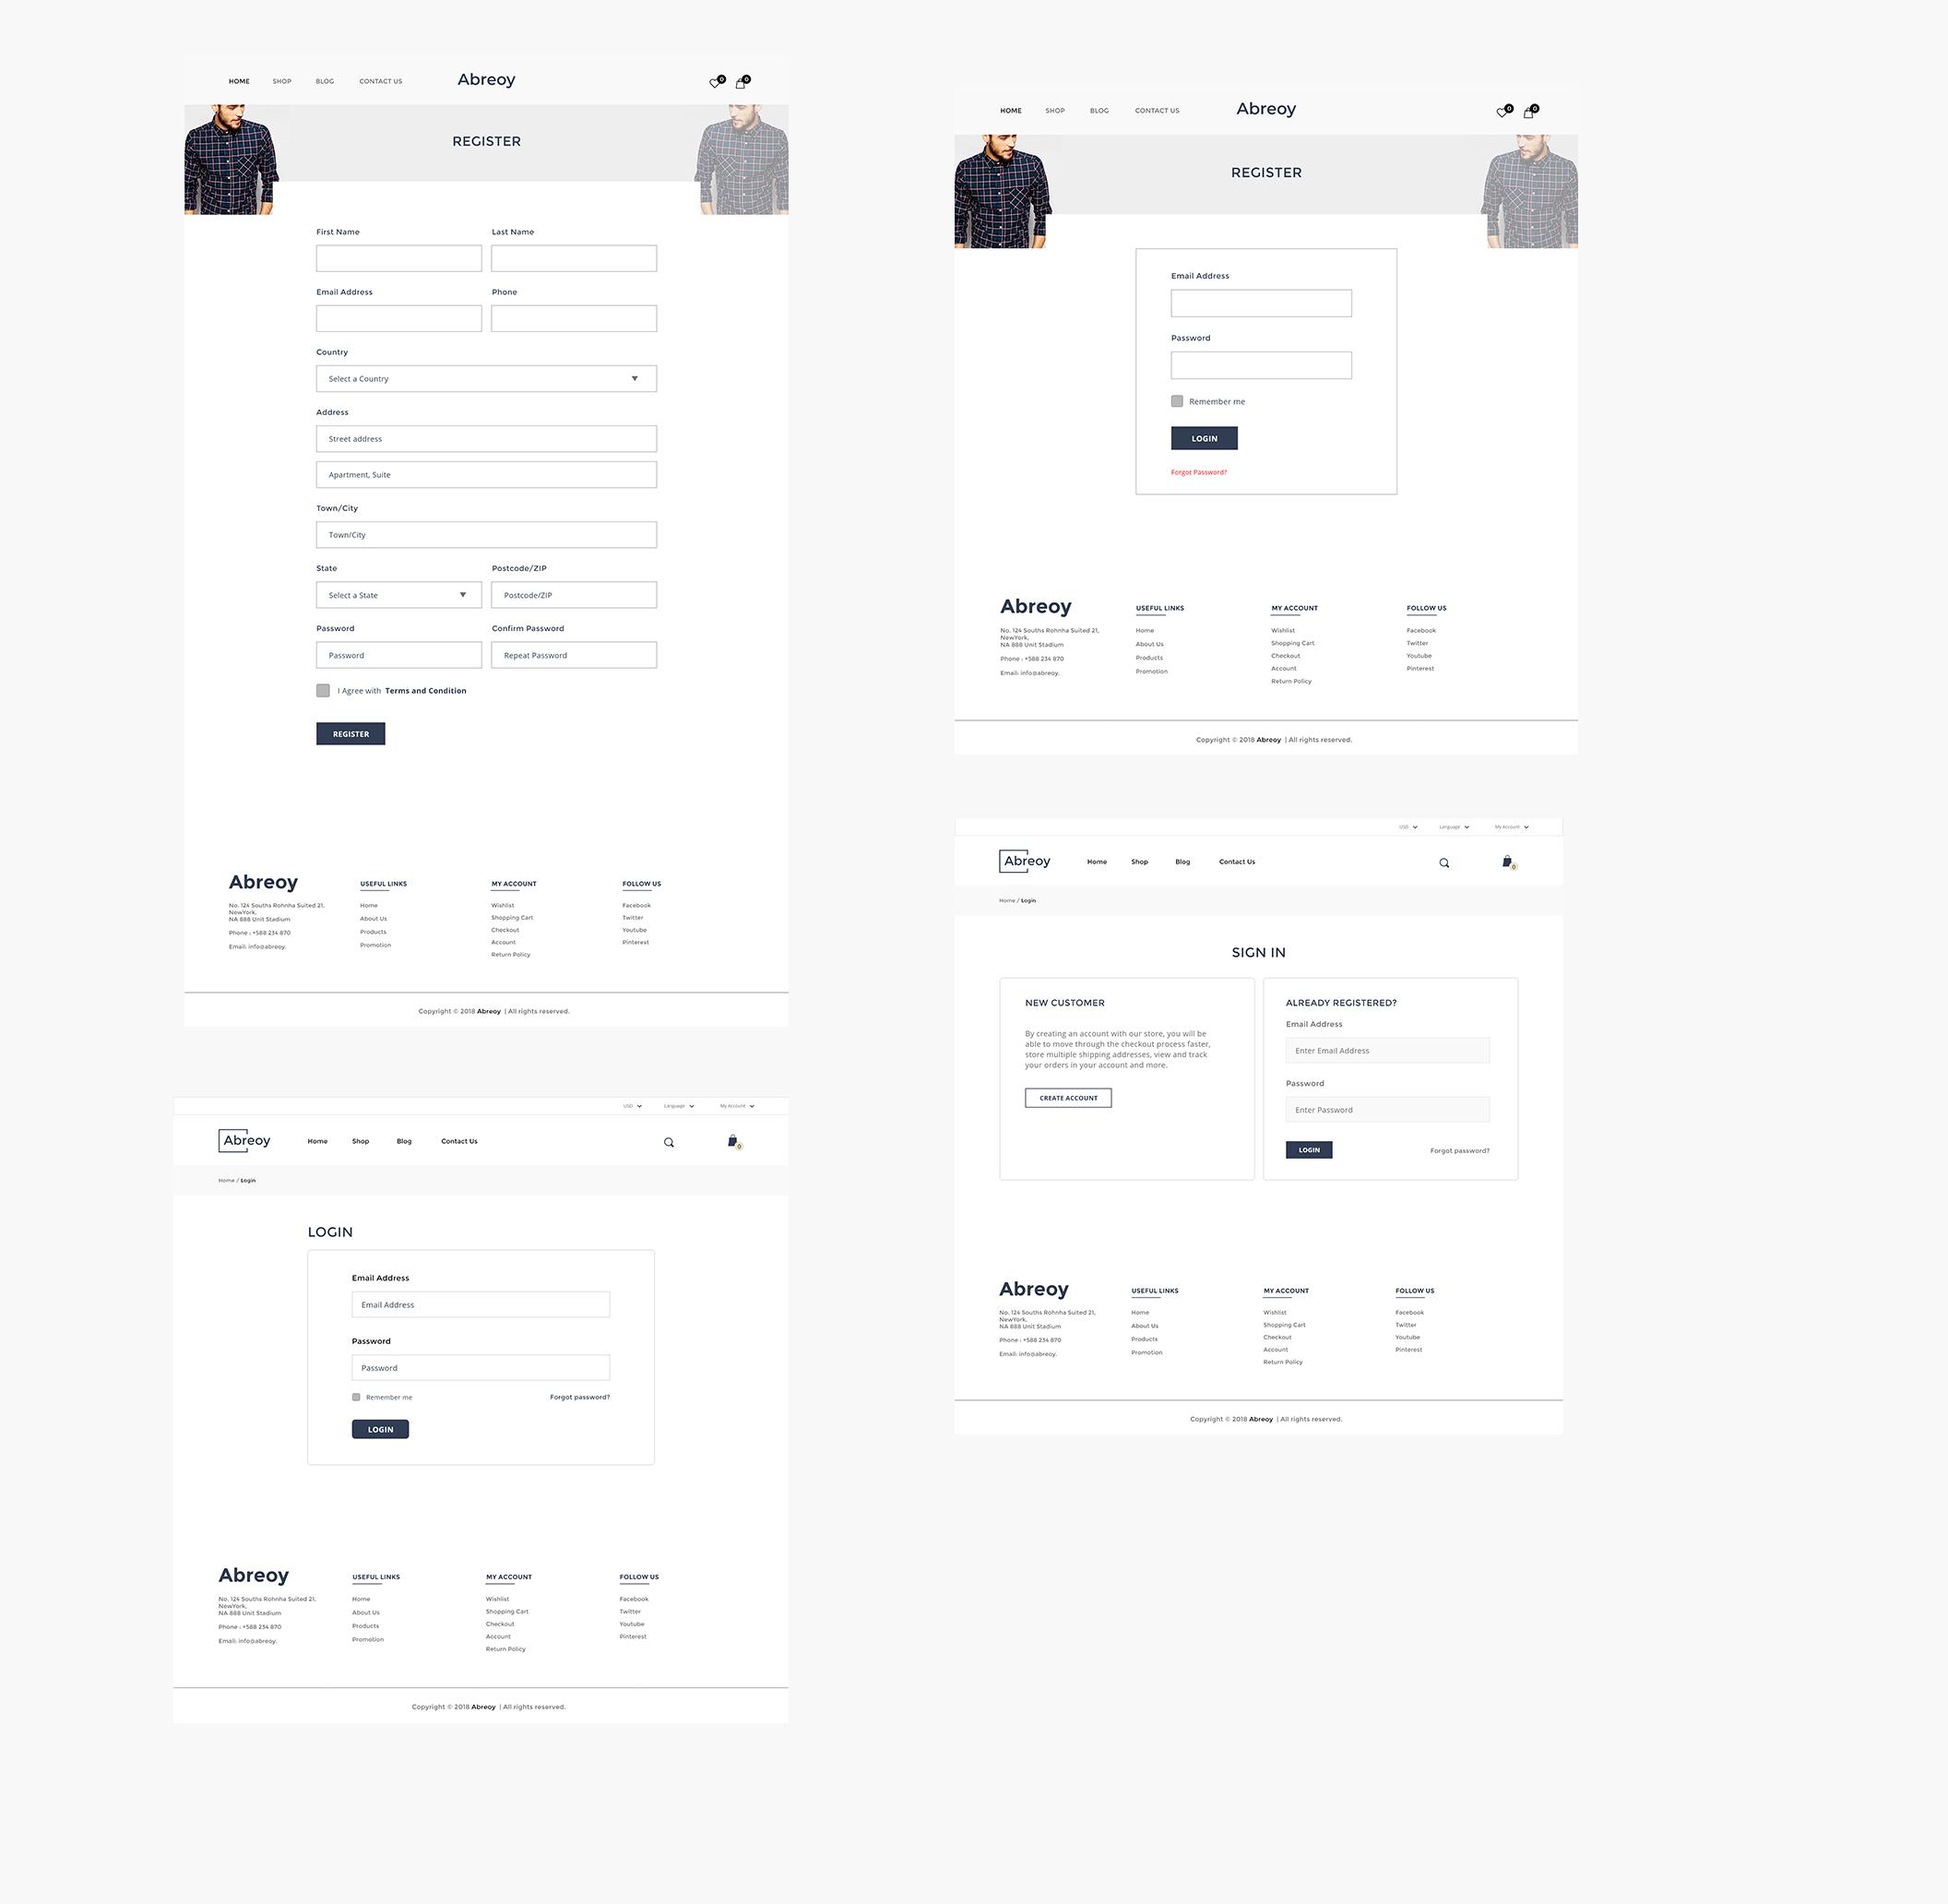 在线购物电子商城APP应用设计UI套件素材 Abreoy E-Commerce UI Kit插图(7)